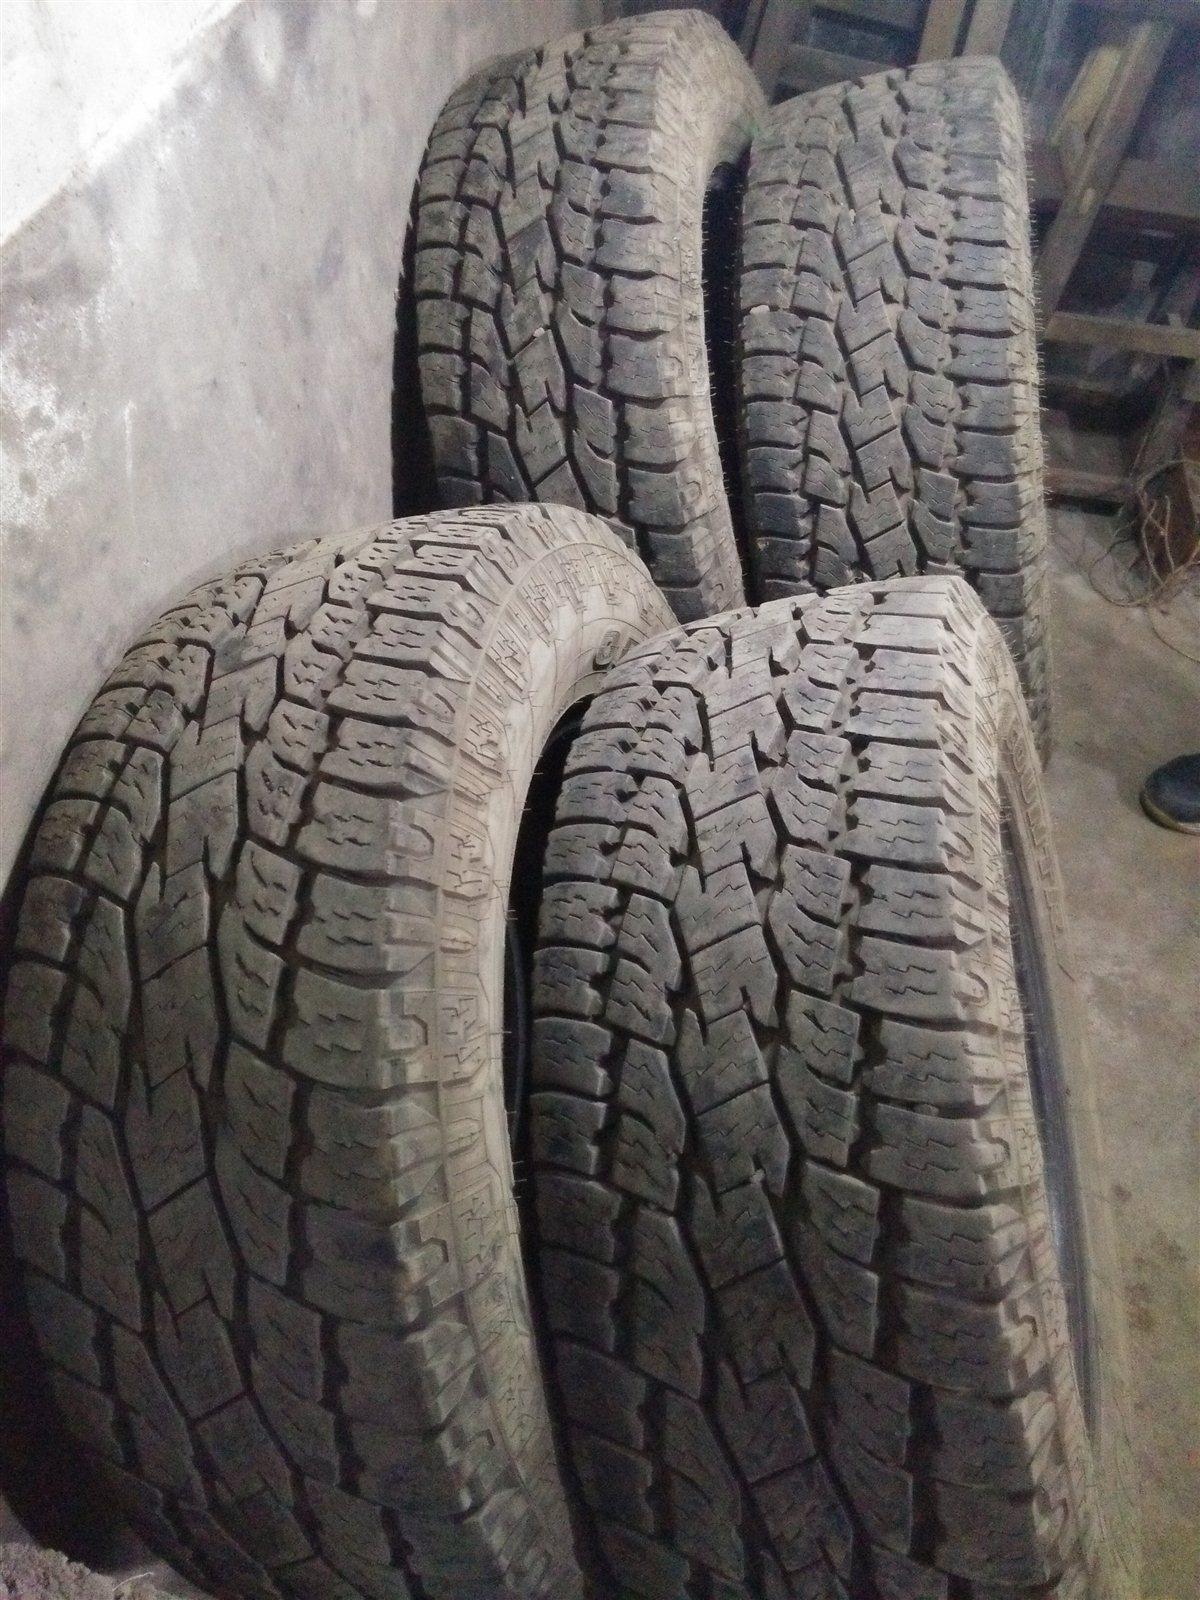 本人因车卖了,还有四条九五层以上新胎出售。形号是265/65/17的绝对正品胎。假一赔十质量保证适合